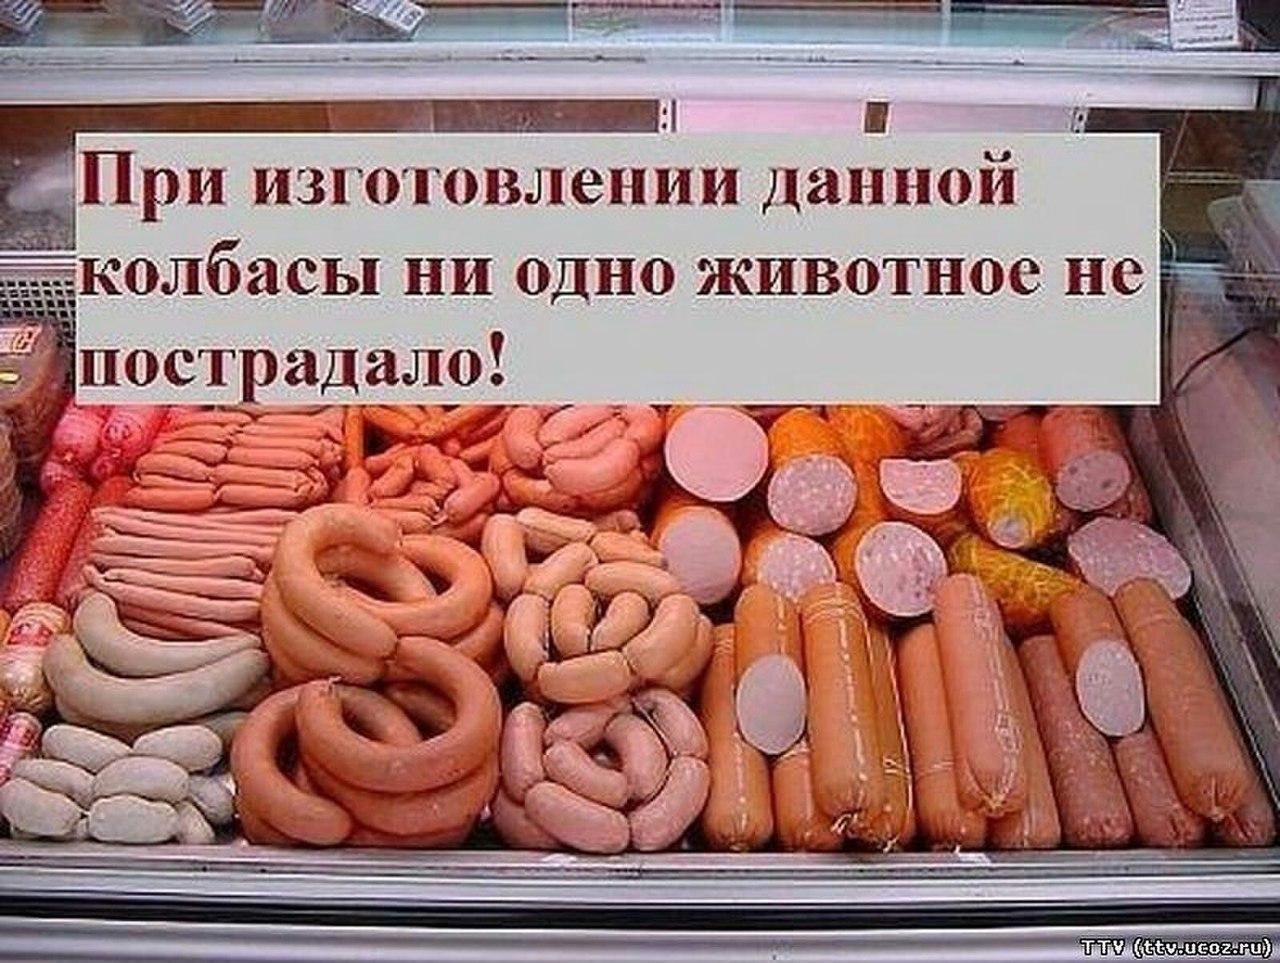 Прикольные картинки про колбасу, ополченцам